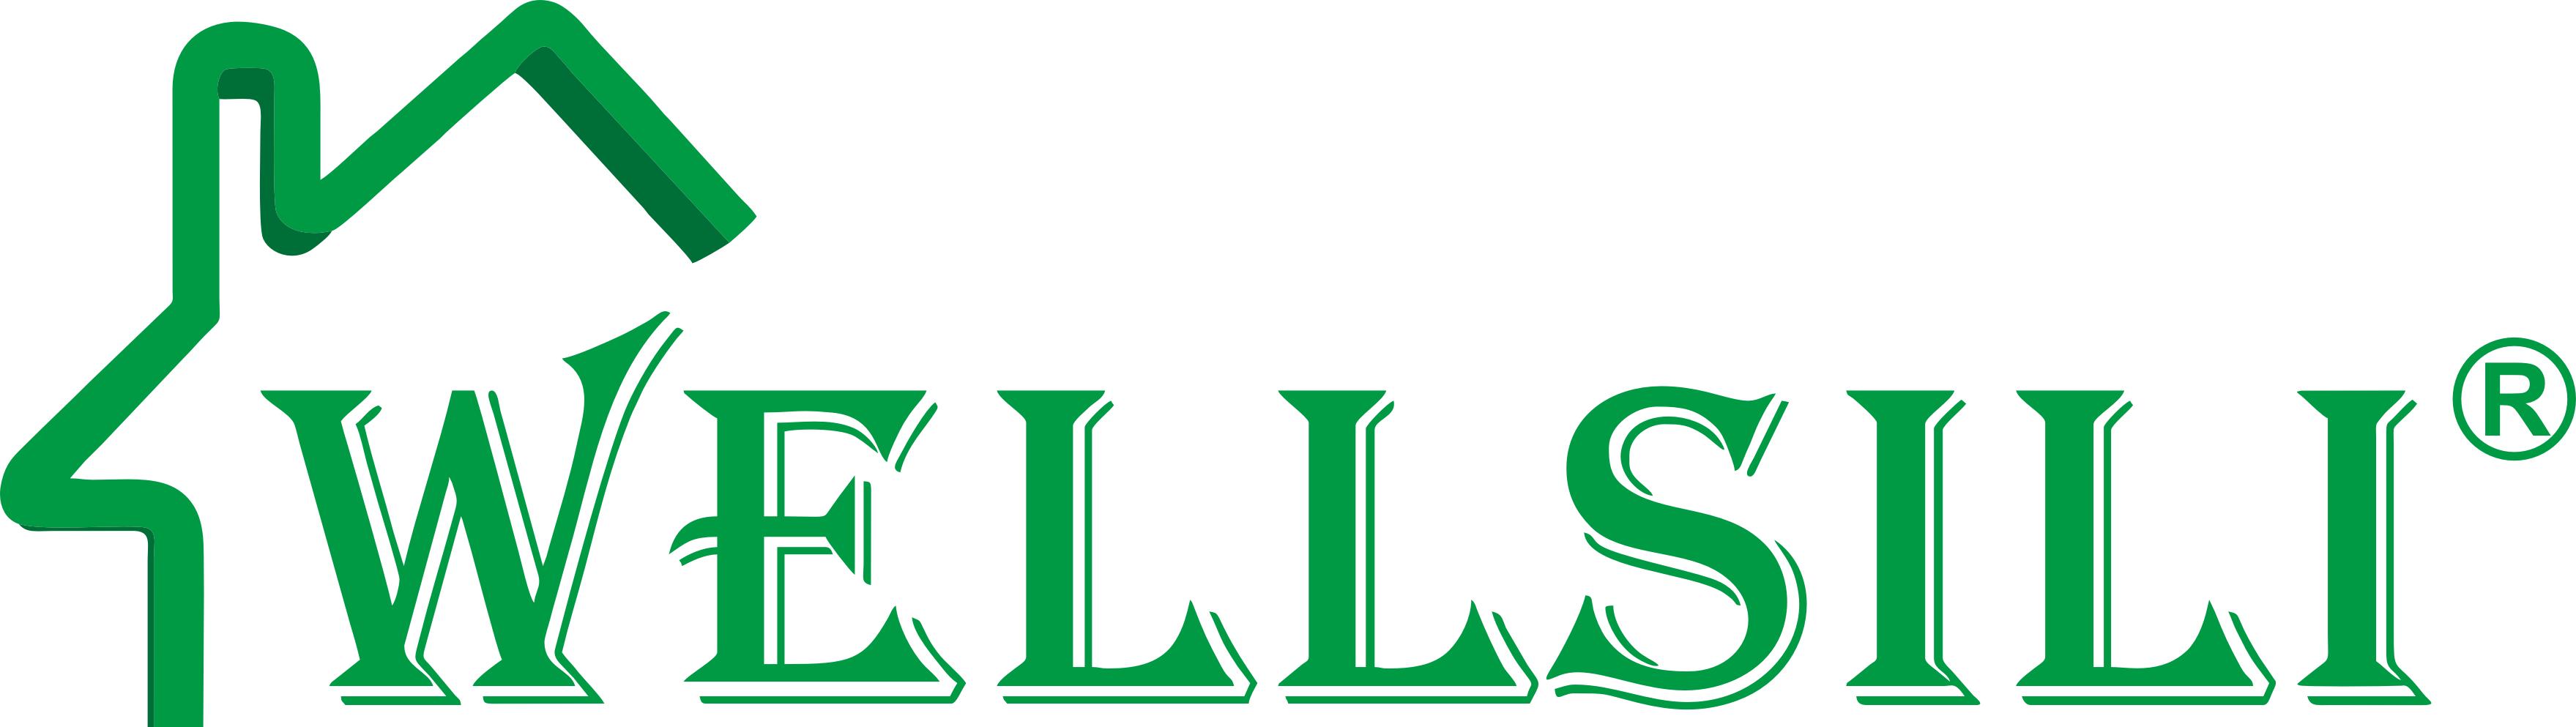 嘉伊家logo绿色